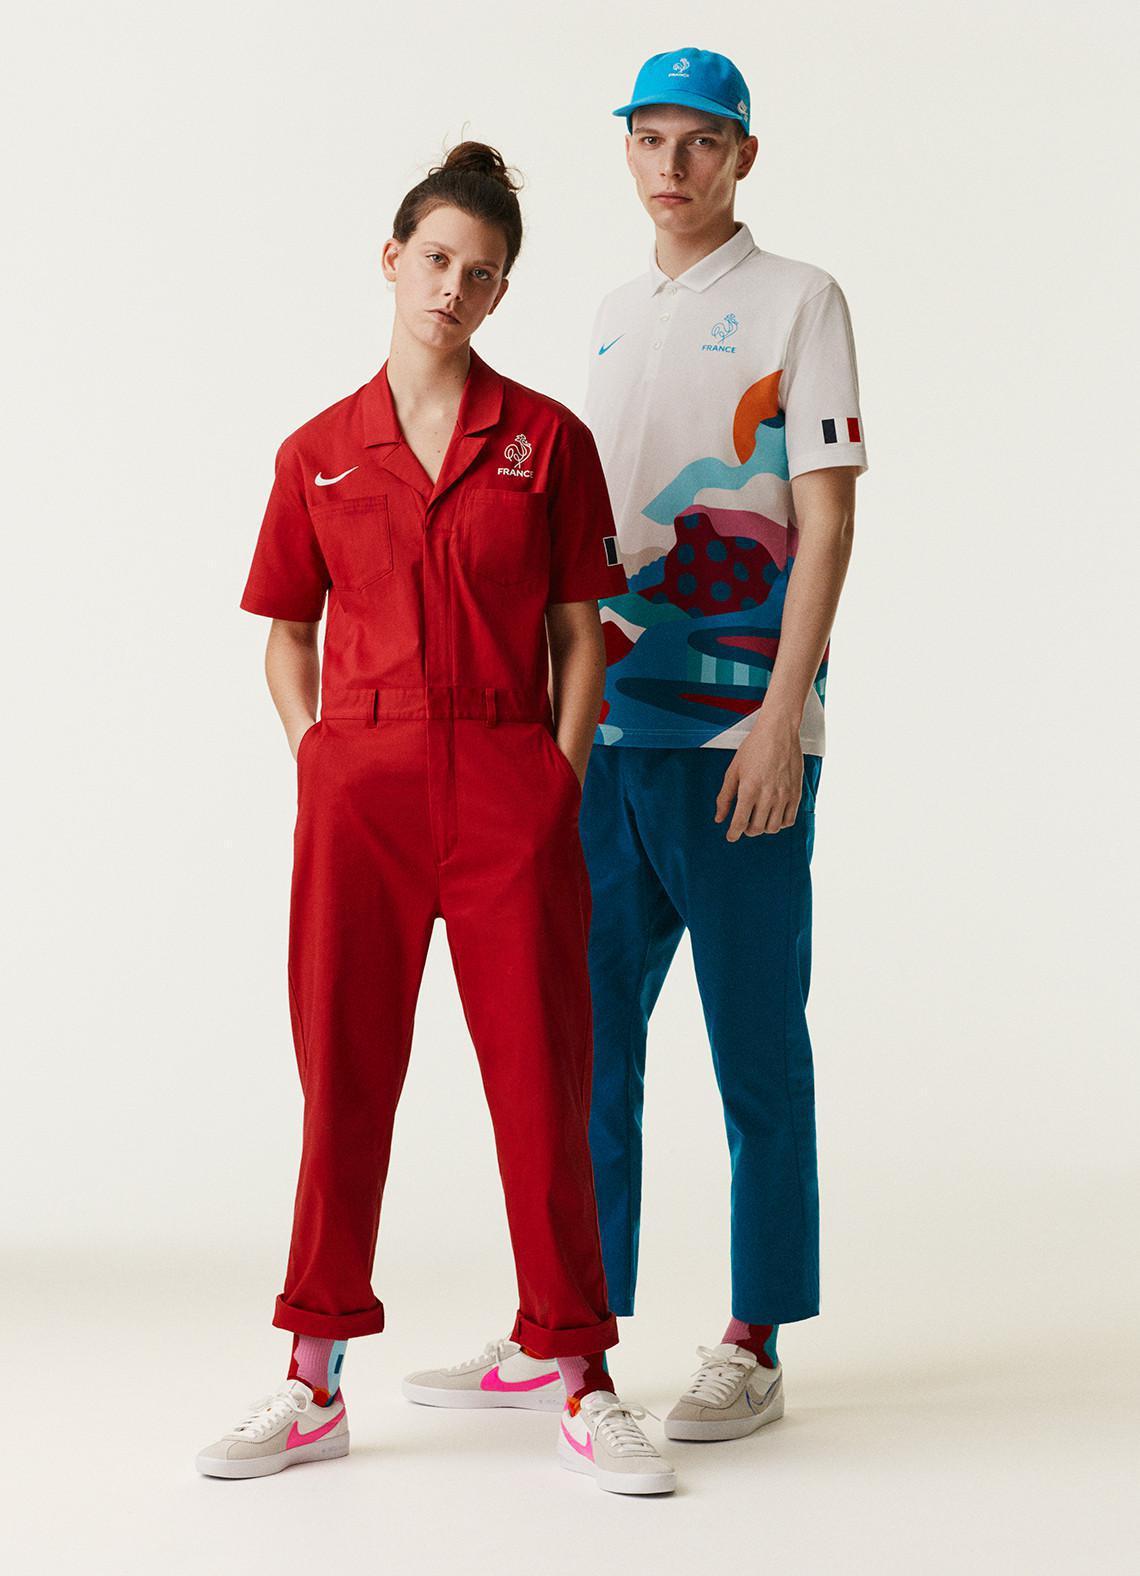 Parra fait équipe avec Nike SB pour concevoir les premiers uniformes de skateboard d'équipe pour les Jeux Olympiques de 2020